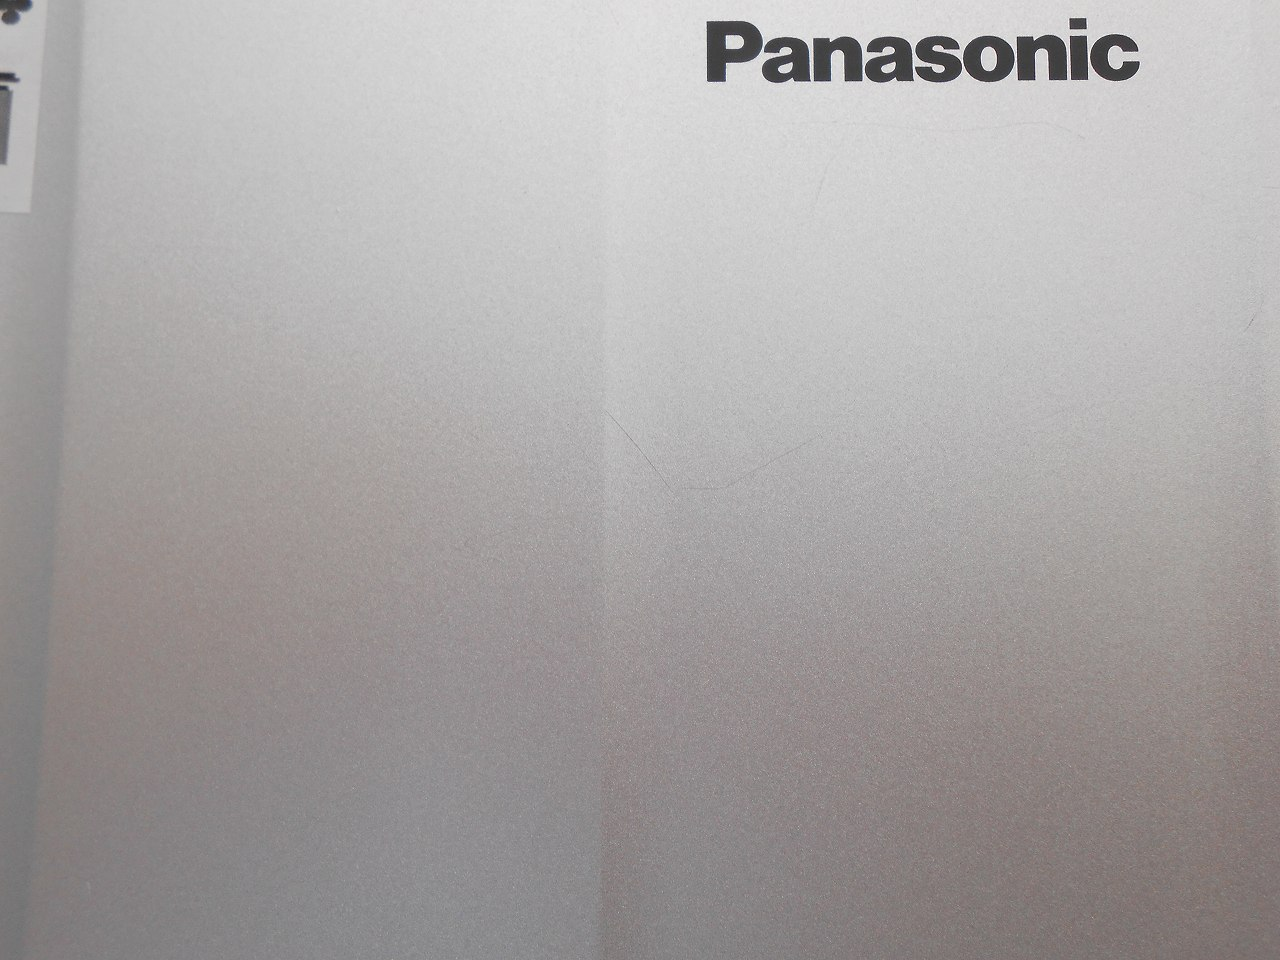 【中古】Panasonic Let'snote CF-SX4 /2015年モデル/Corei5 5300U 2.3GHz/メモリ8GB/SATA320GB/12インチ/Windows10Pro【3ヶ月保証】【足立店発送】